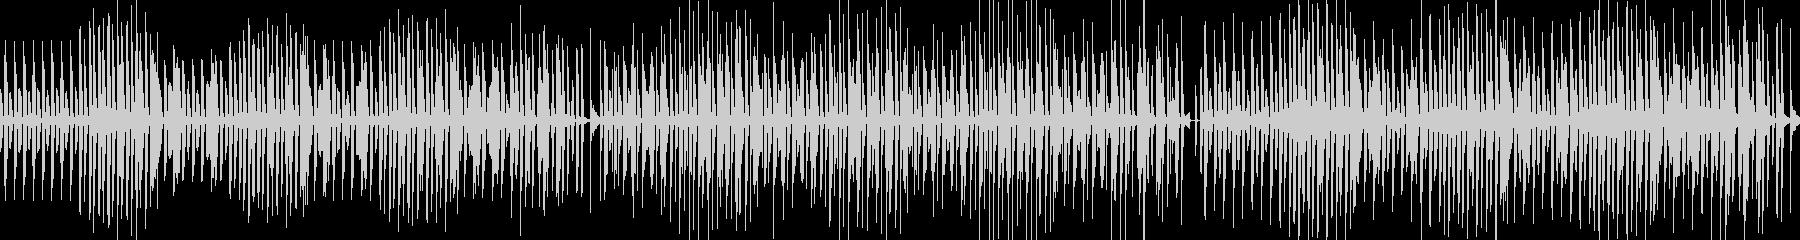 ■ピアノ・鉄琴・ほのぼの・日常・散歩の未再生の波形